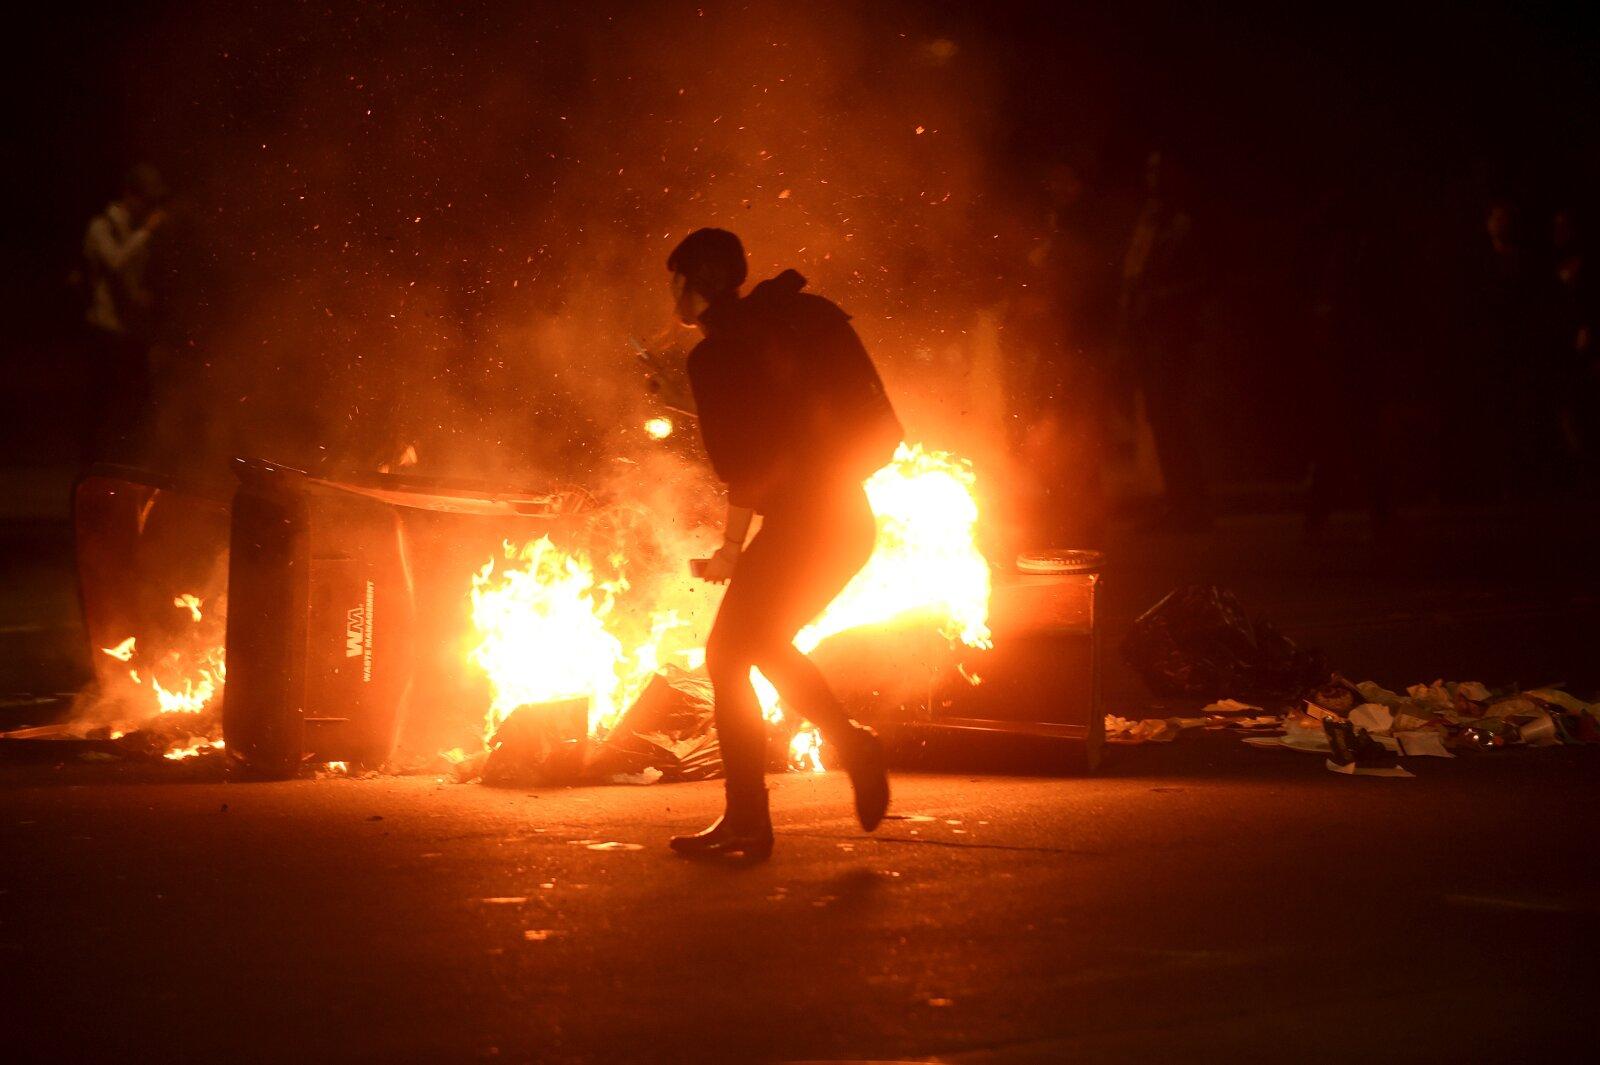 Una mujer pasa la basura ardiendo en Oakland, California